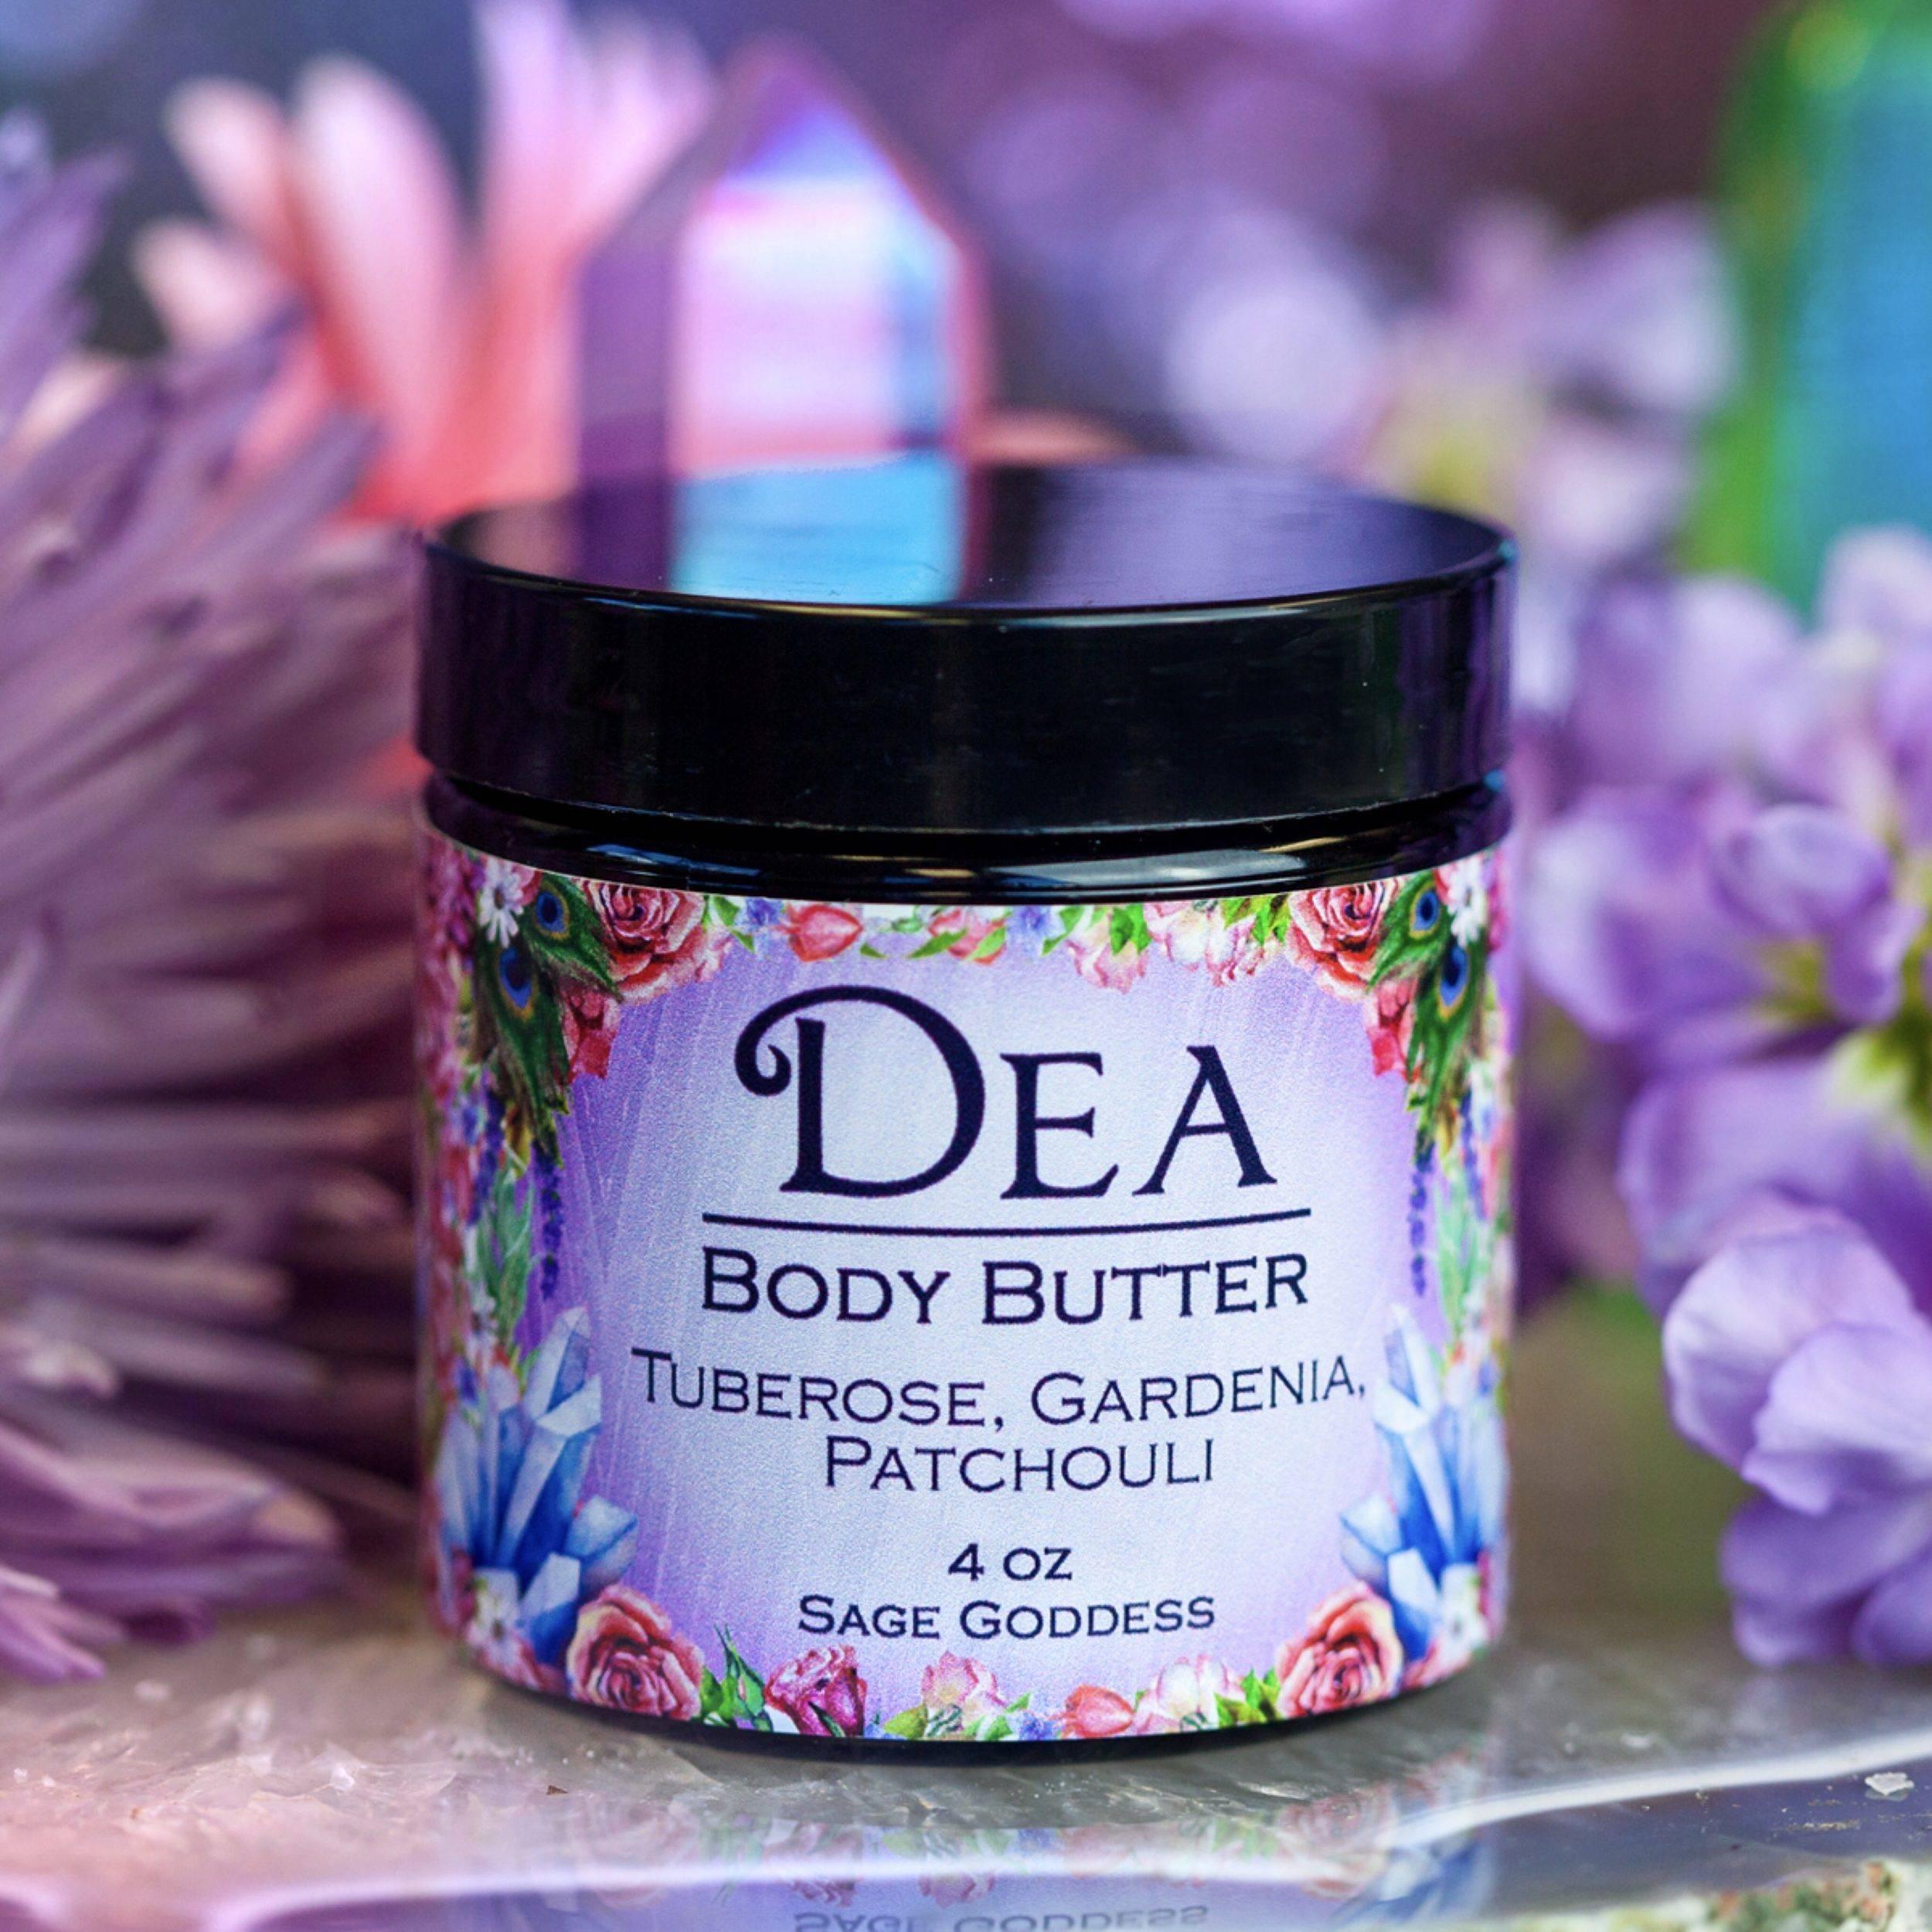 Dea_Body_Butter_11_14